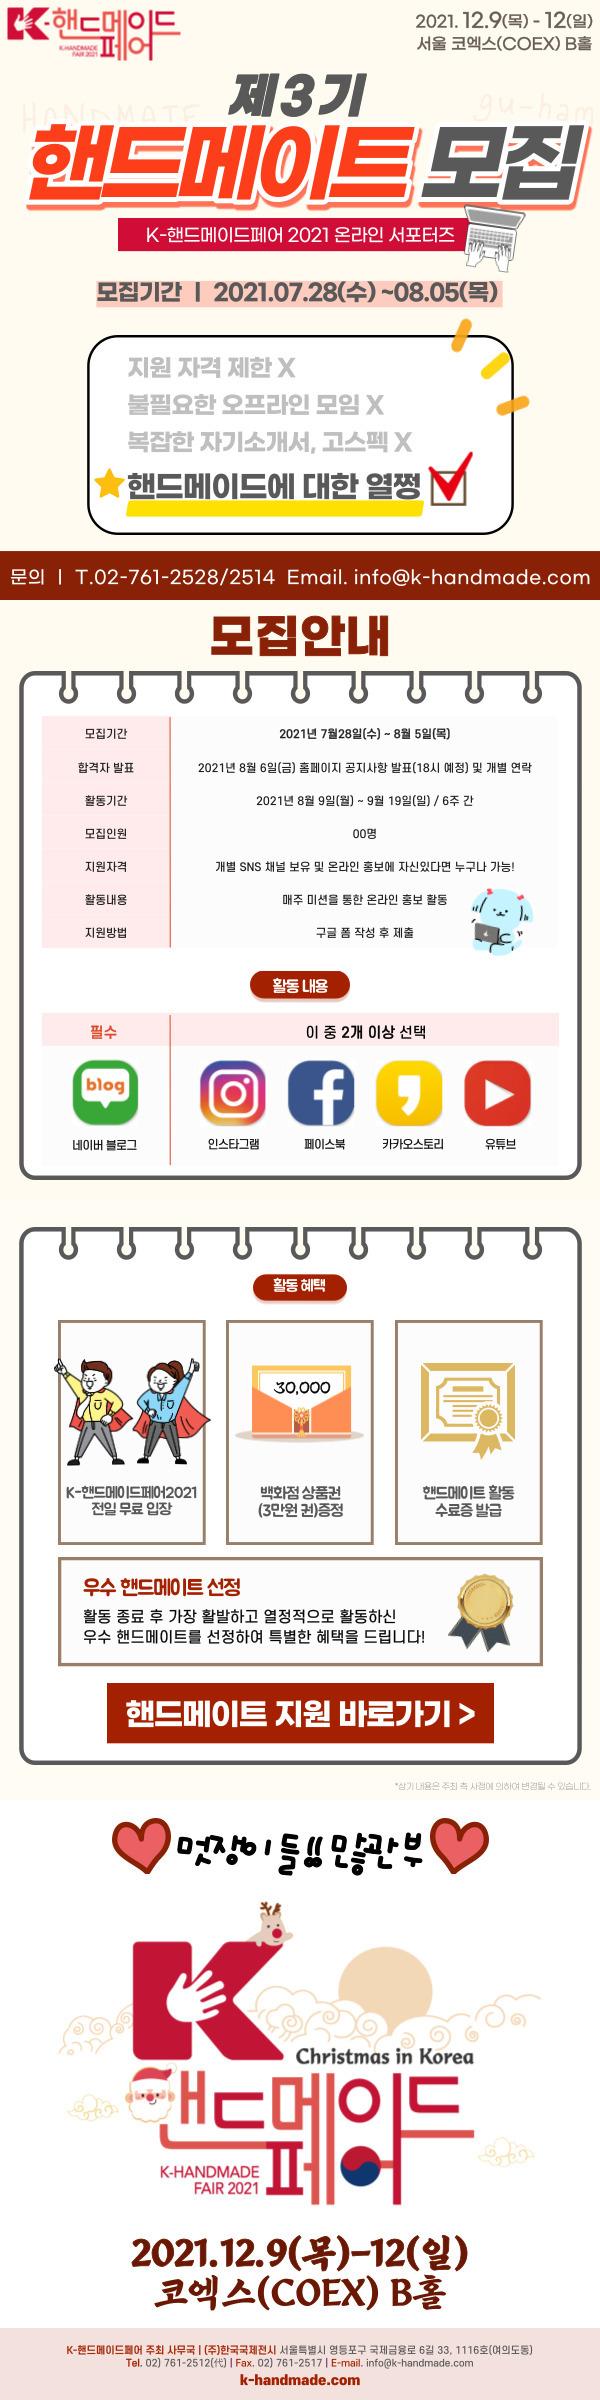 [K-핸드메이드페어 2021 온라인 서포터즈 모집] 제3기 핸드메이트 모집 (~8/5(목))